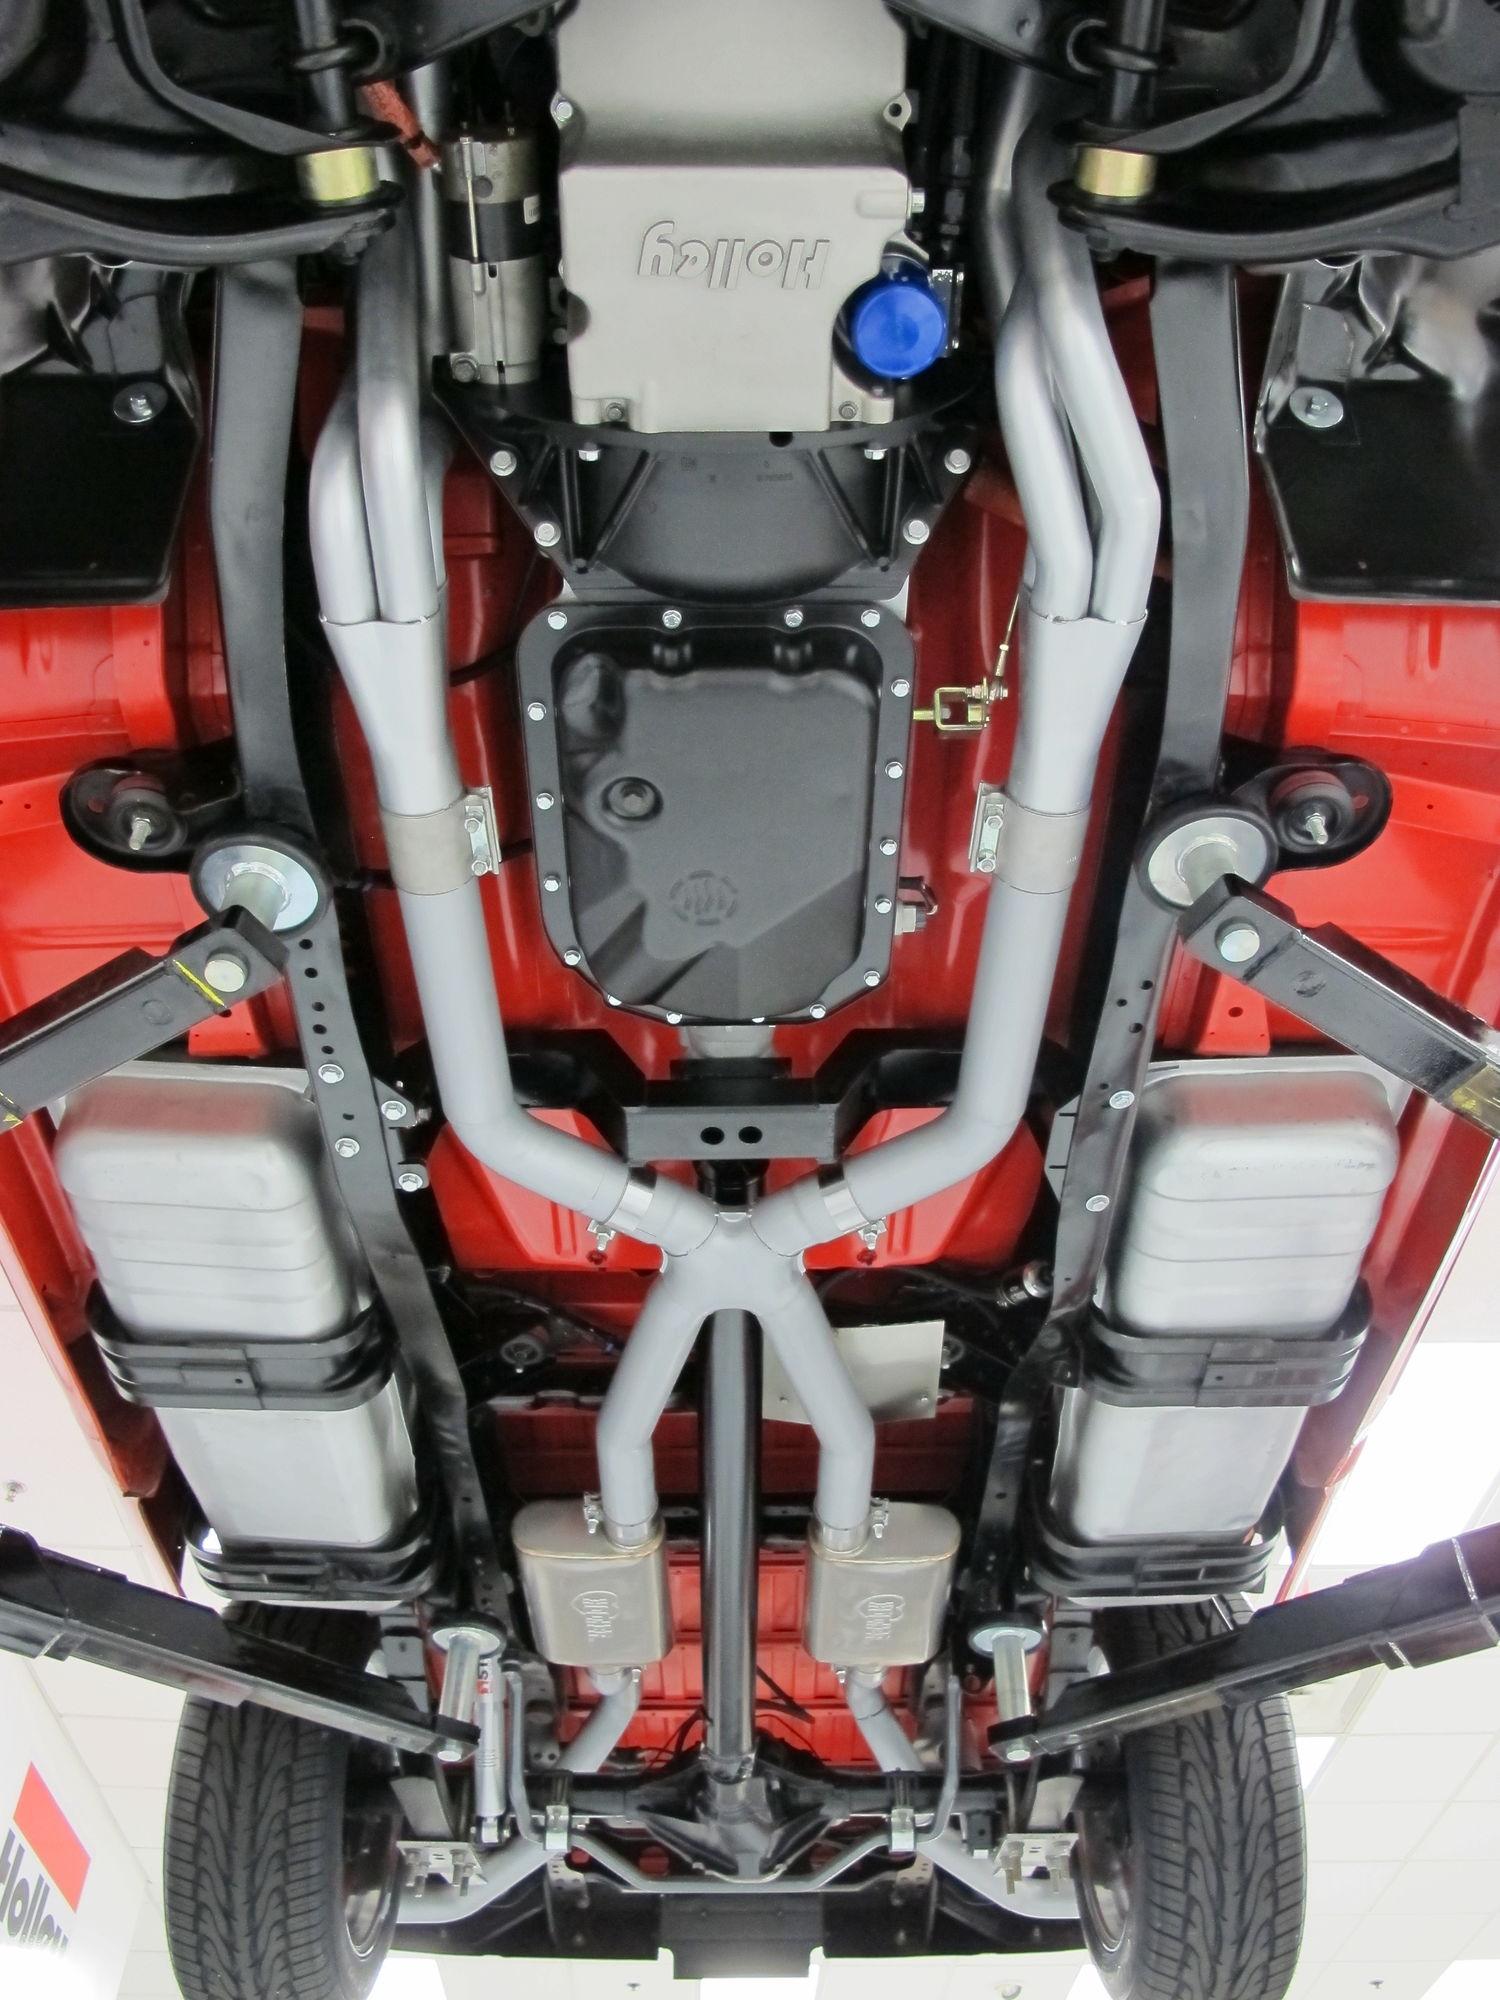 New Hooker 73-87 GM truck LS swap system preview - LS1TECH ...